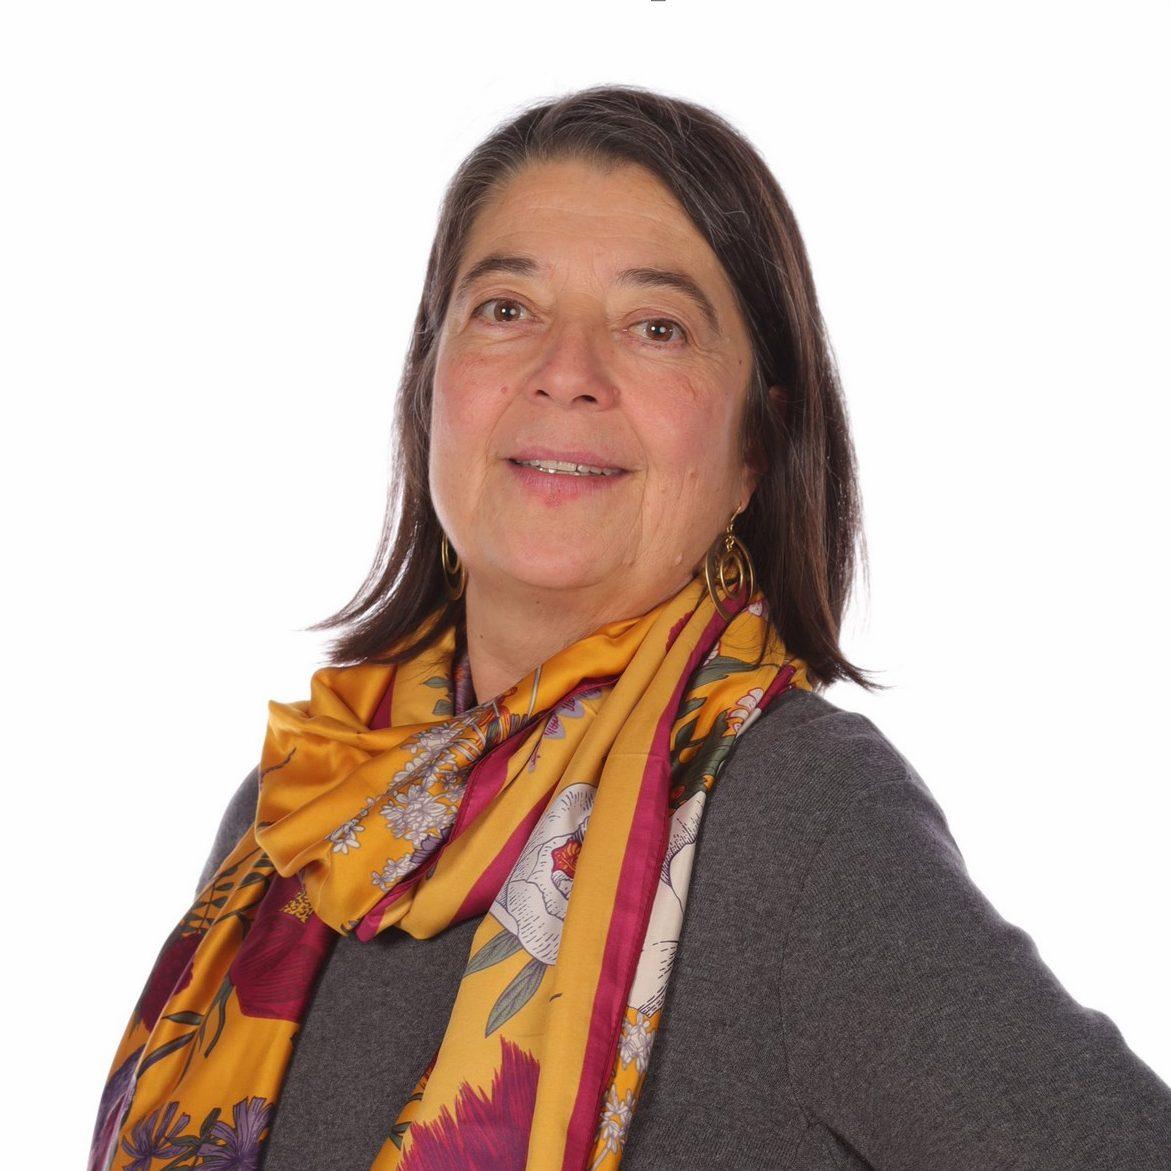 Karin Raab